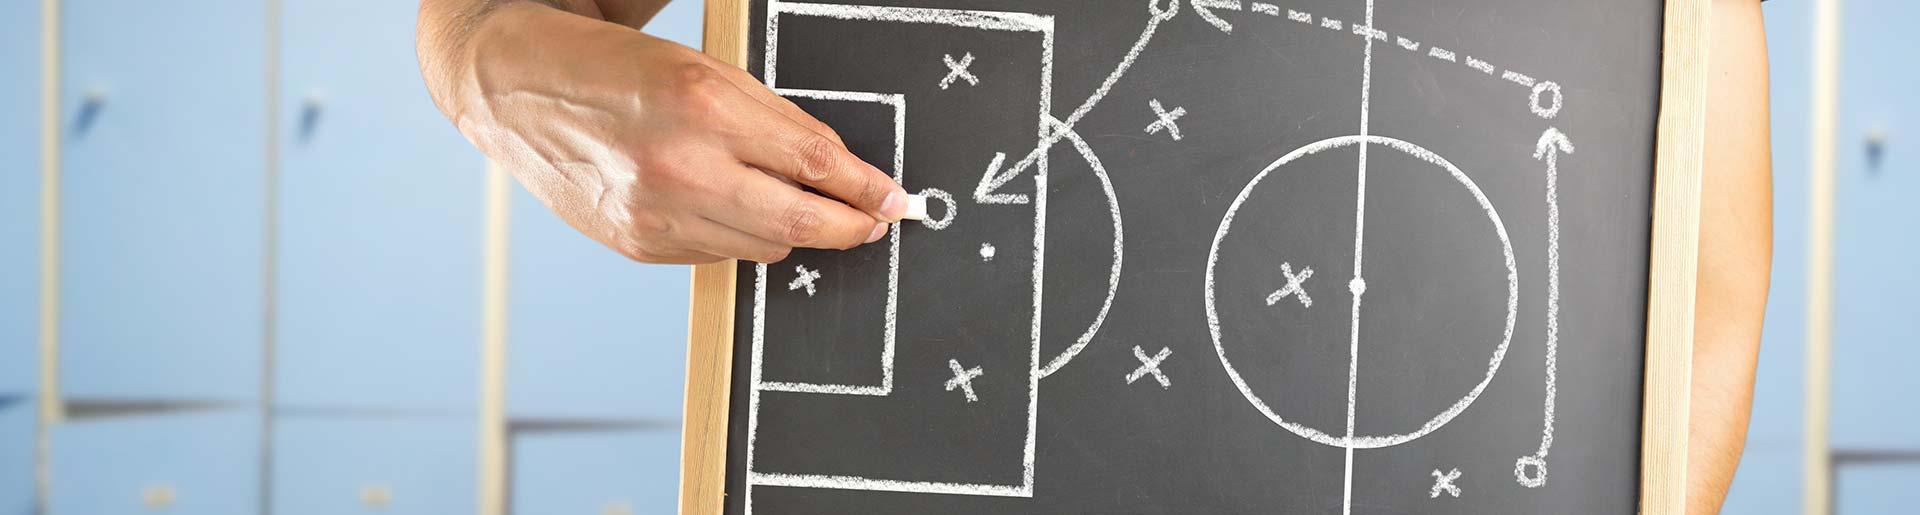 Fußballtrainer - taktisches Geschick und soziale Kompetenz